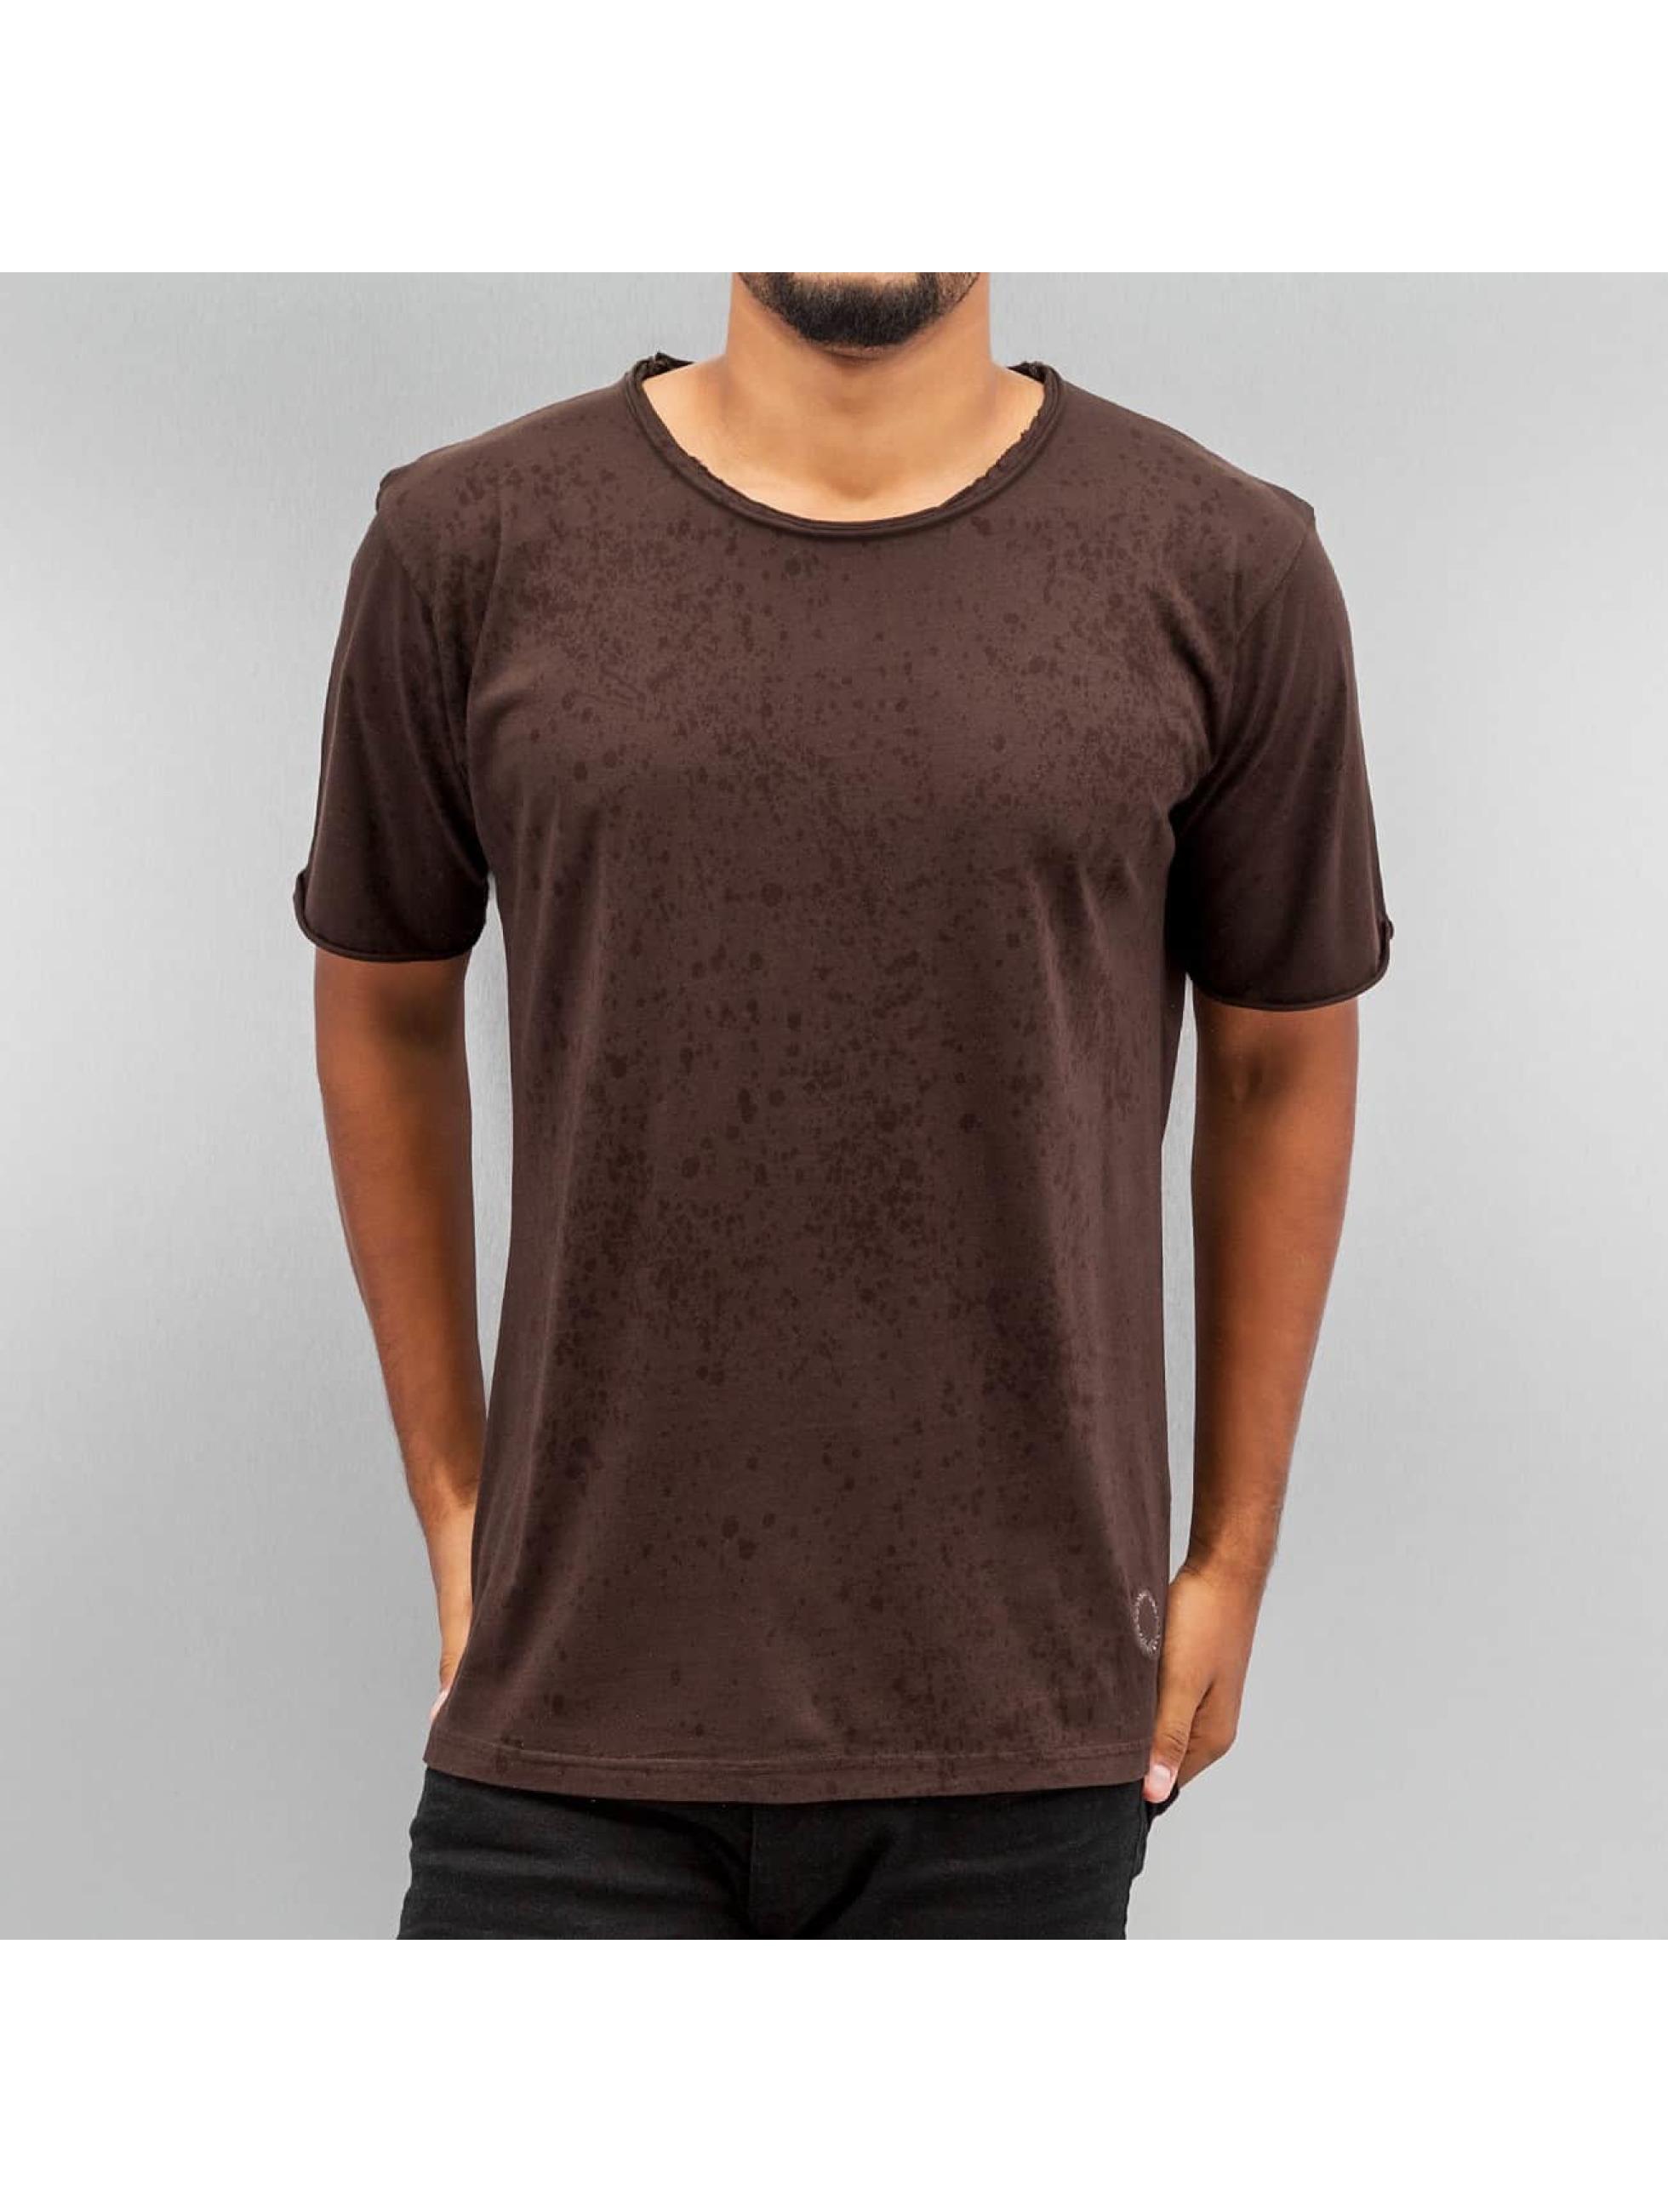 Yezz Männer T-Shirt Splash in braun